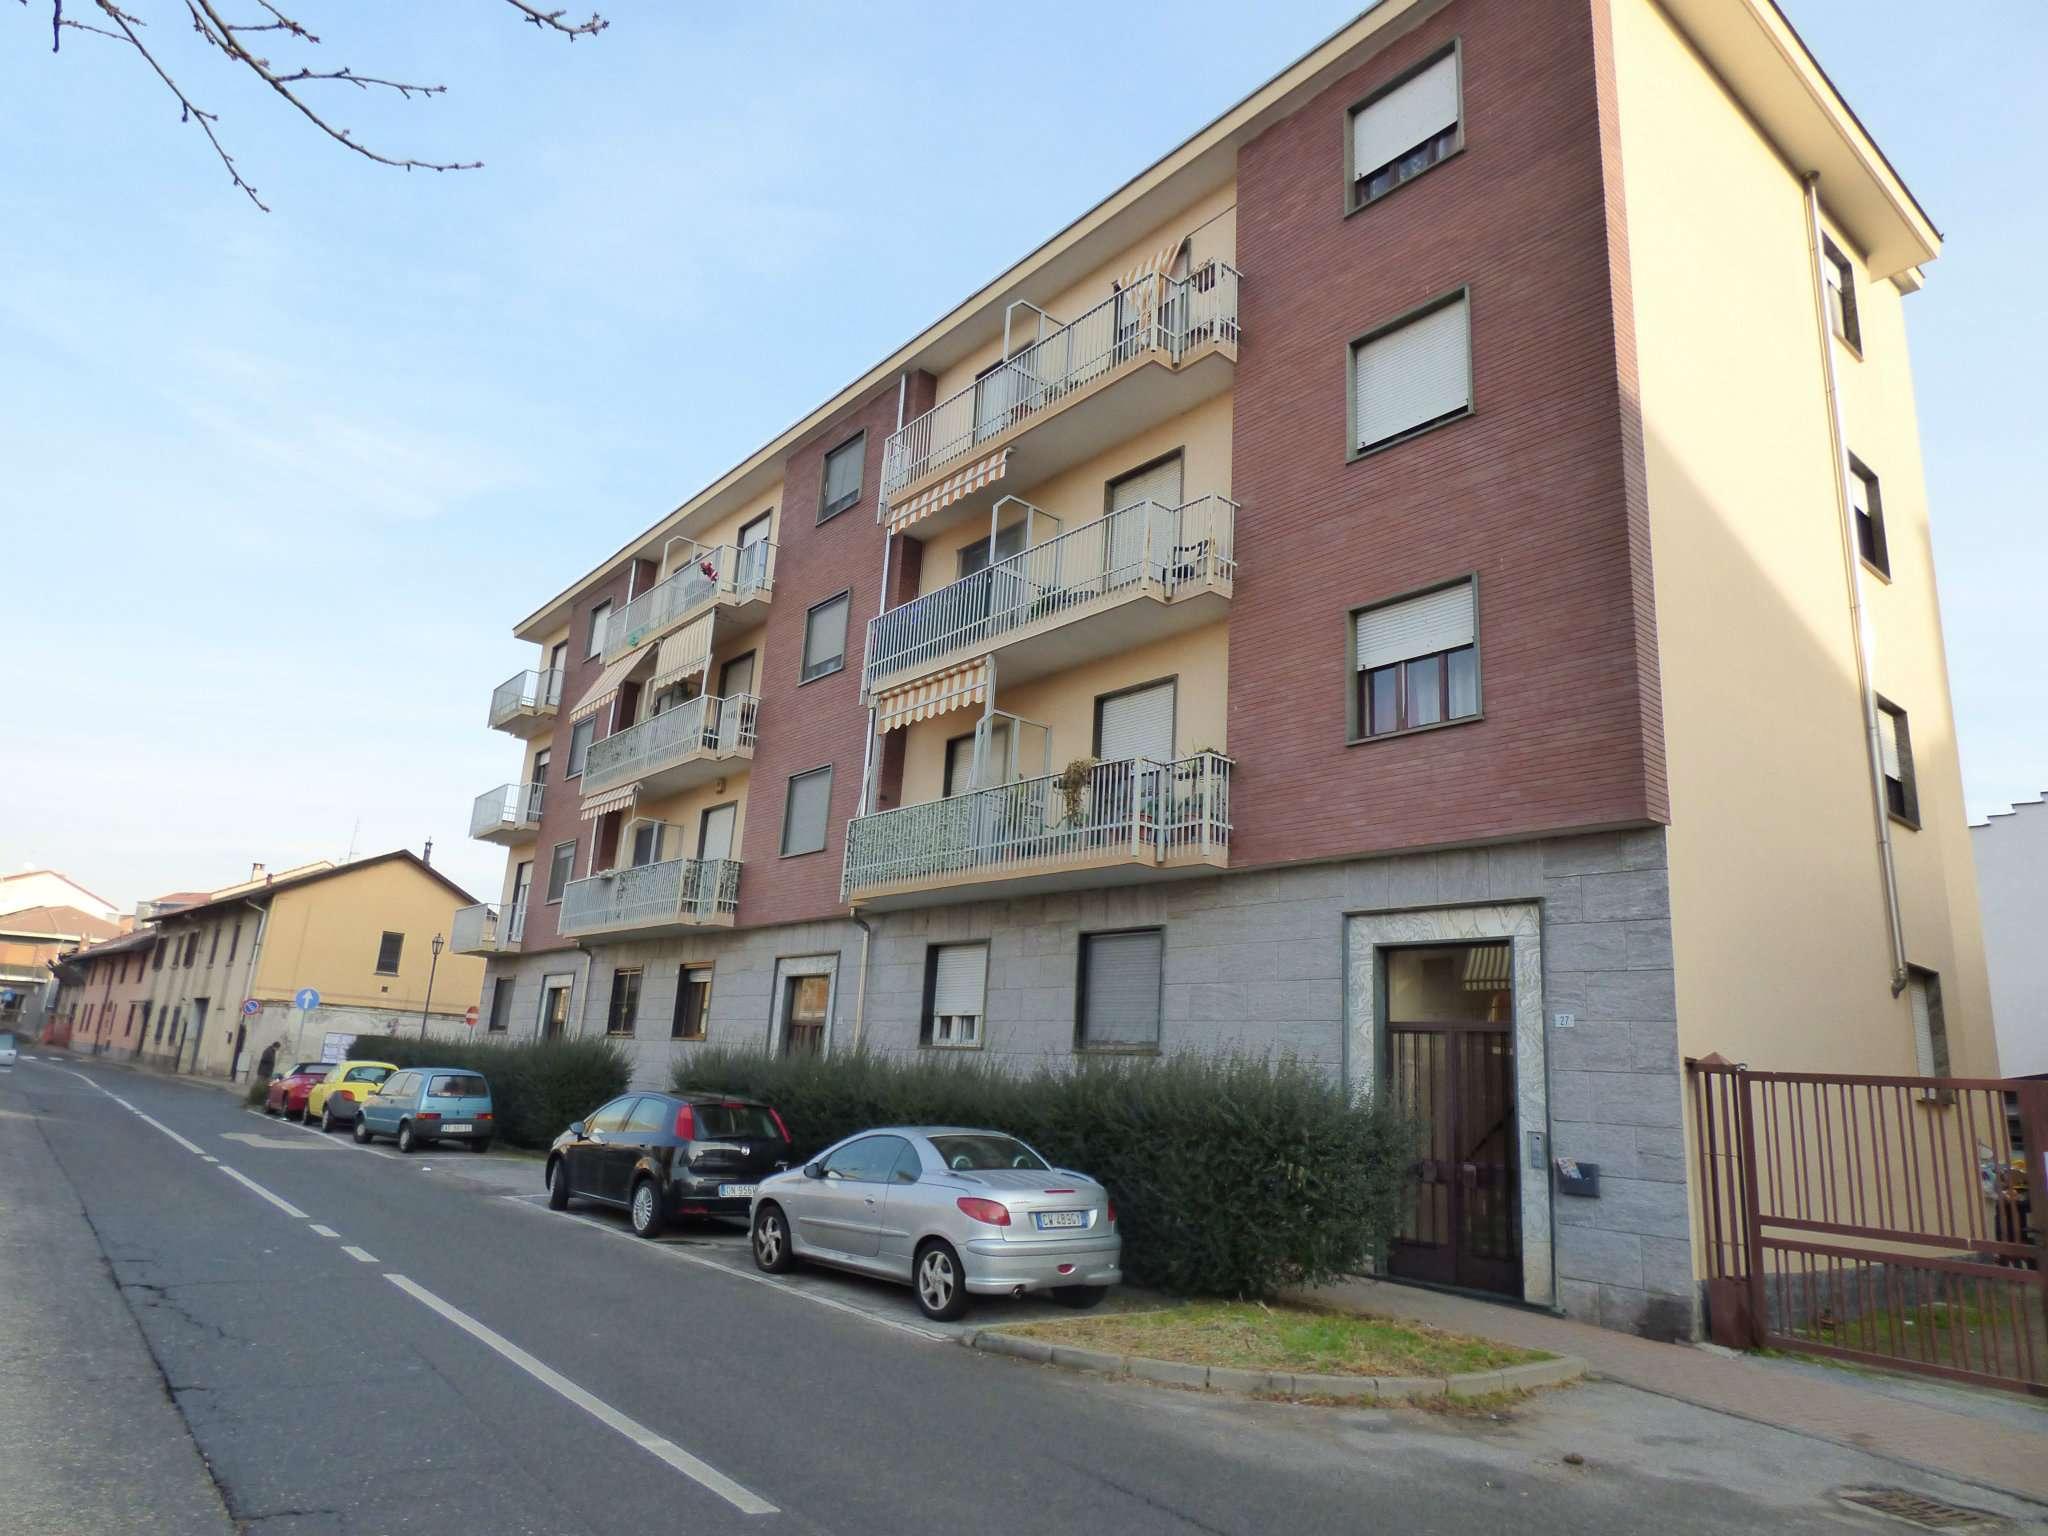 Foto 1 di Trilocale Via Torino, Borgaro Torinese